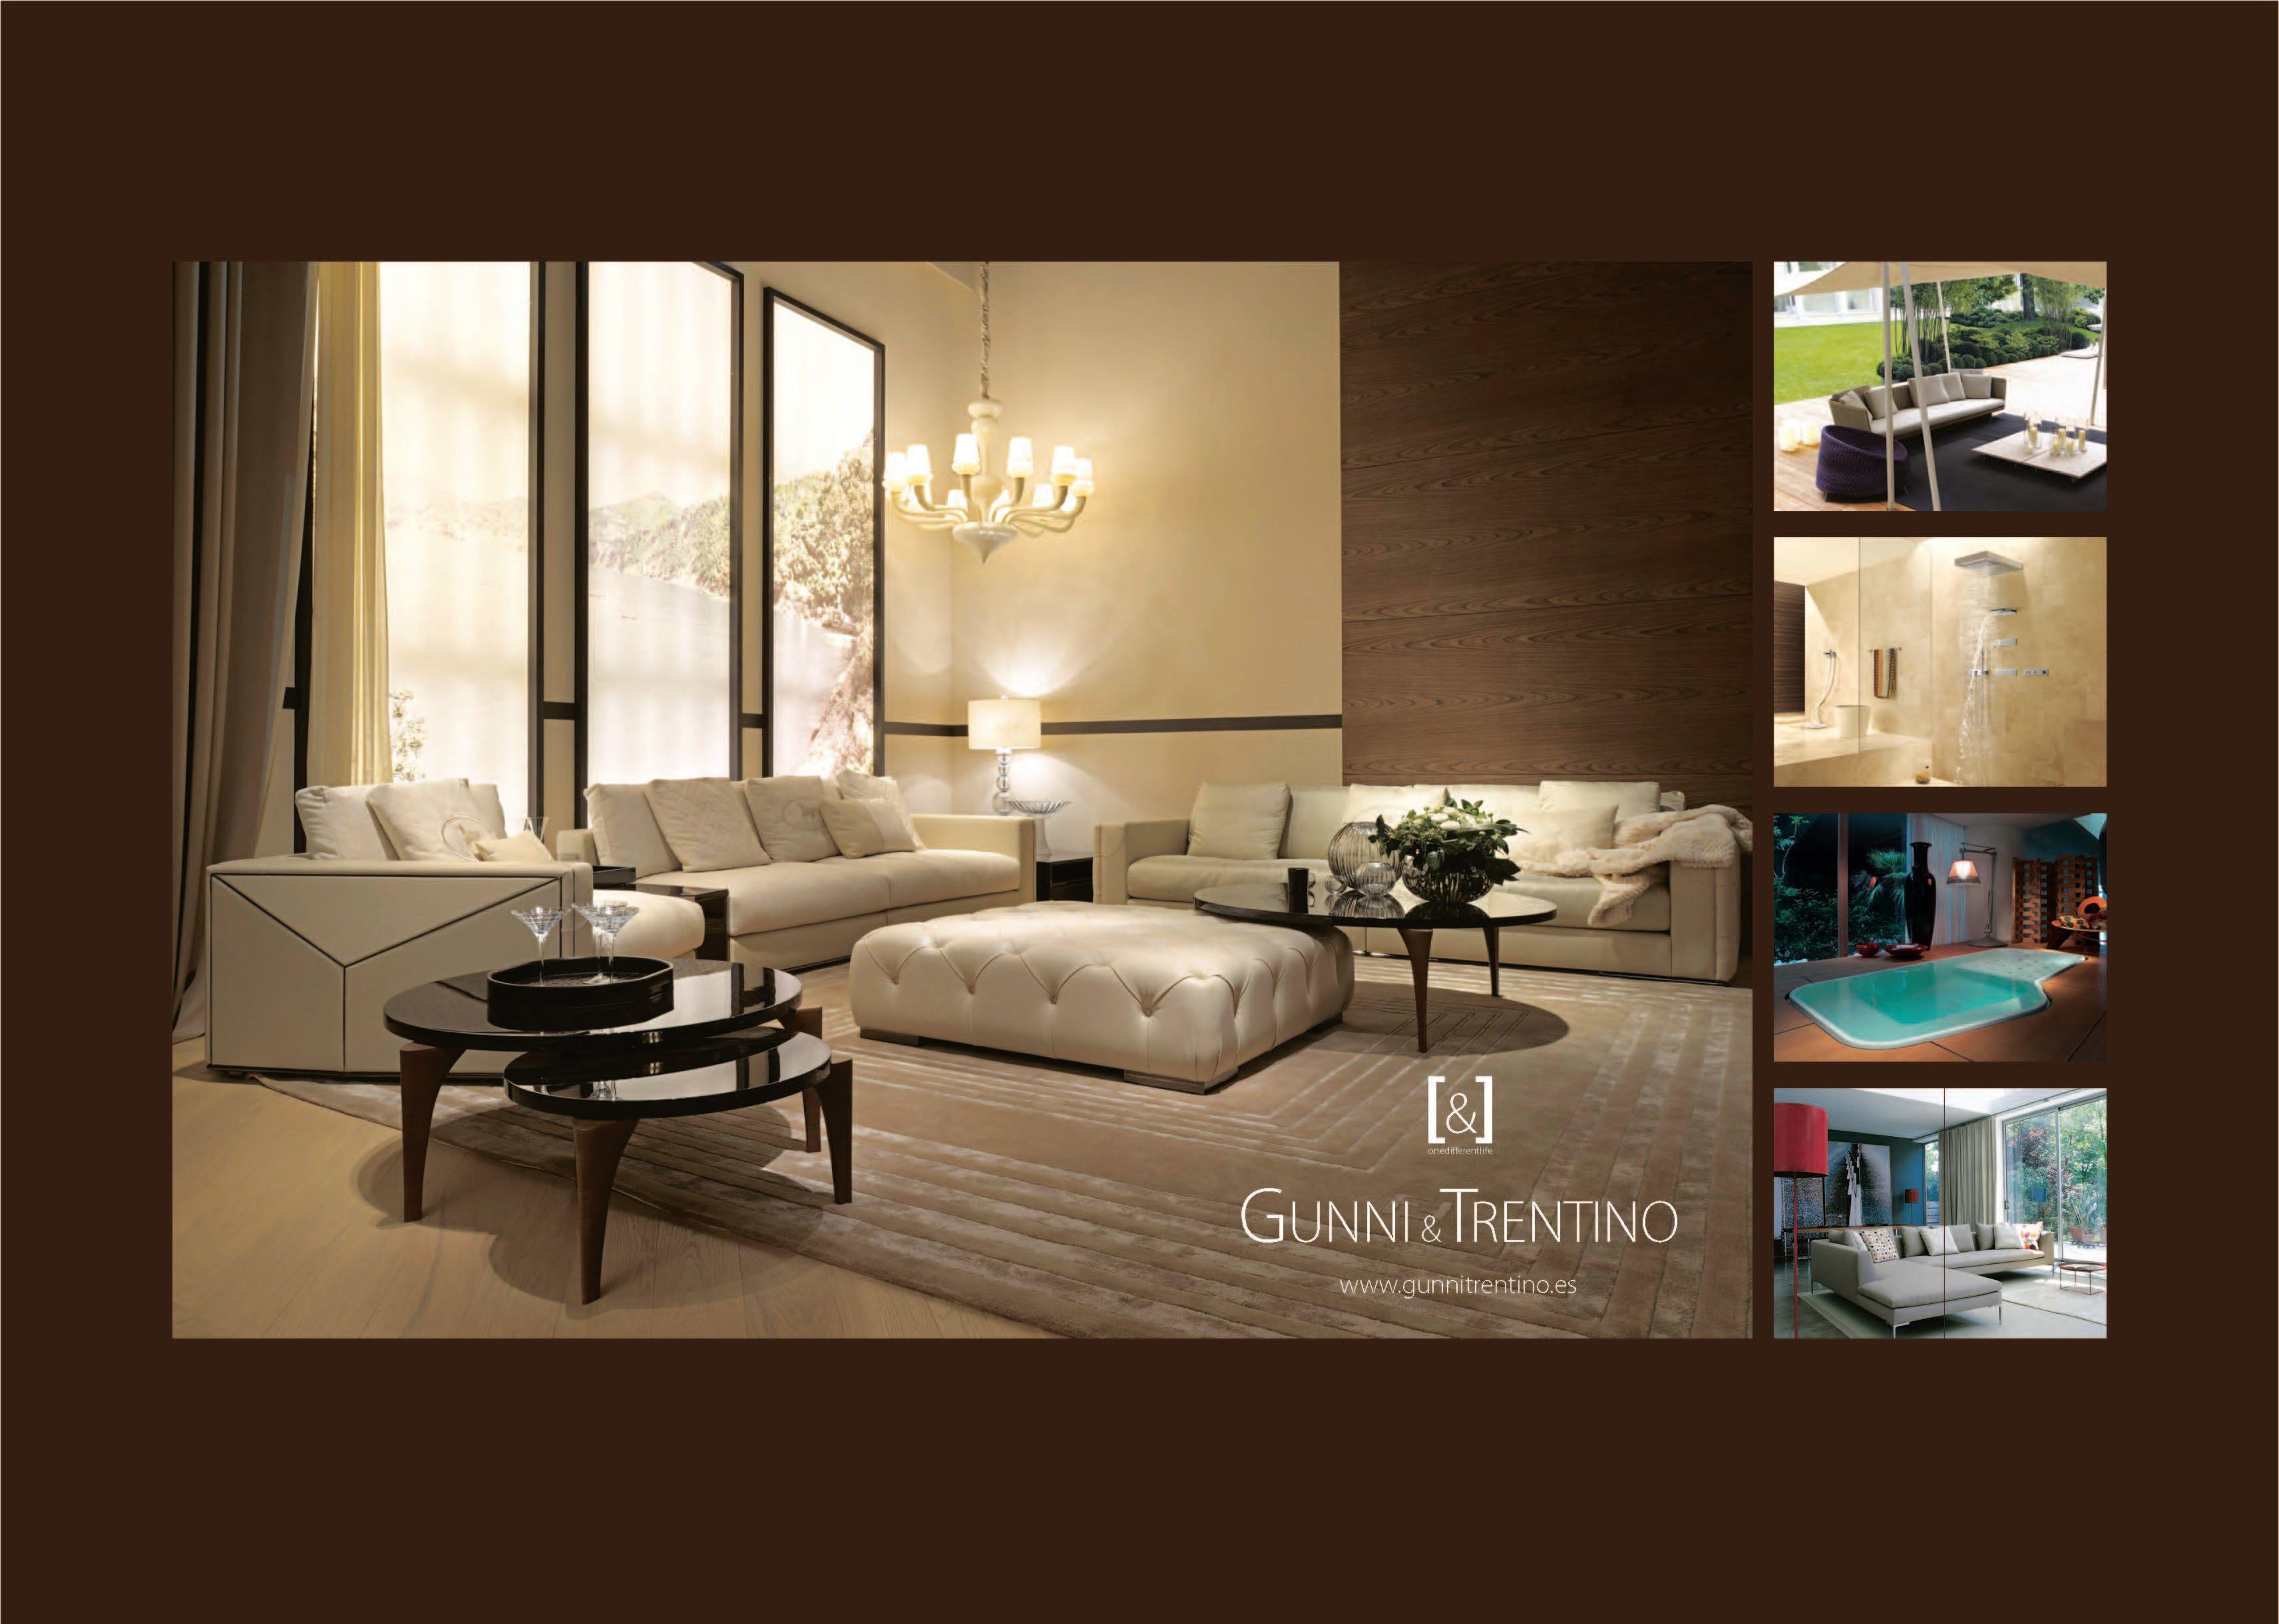 Mobiliario de Diseño y Lujo por Gunni & Trentino